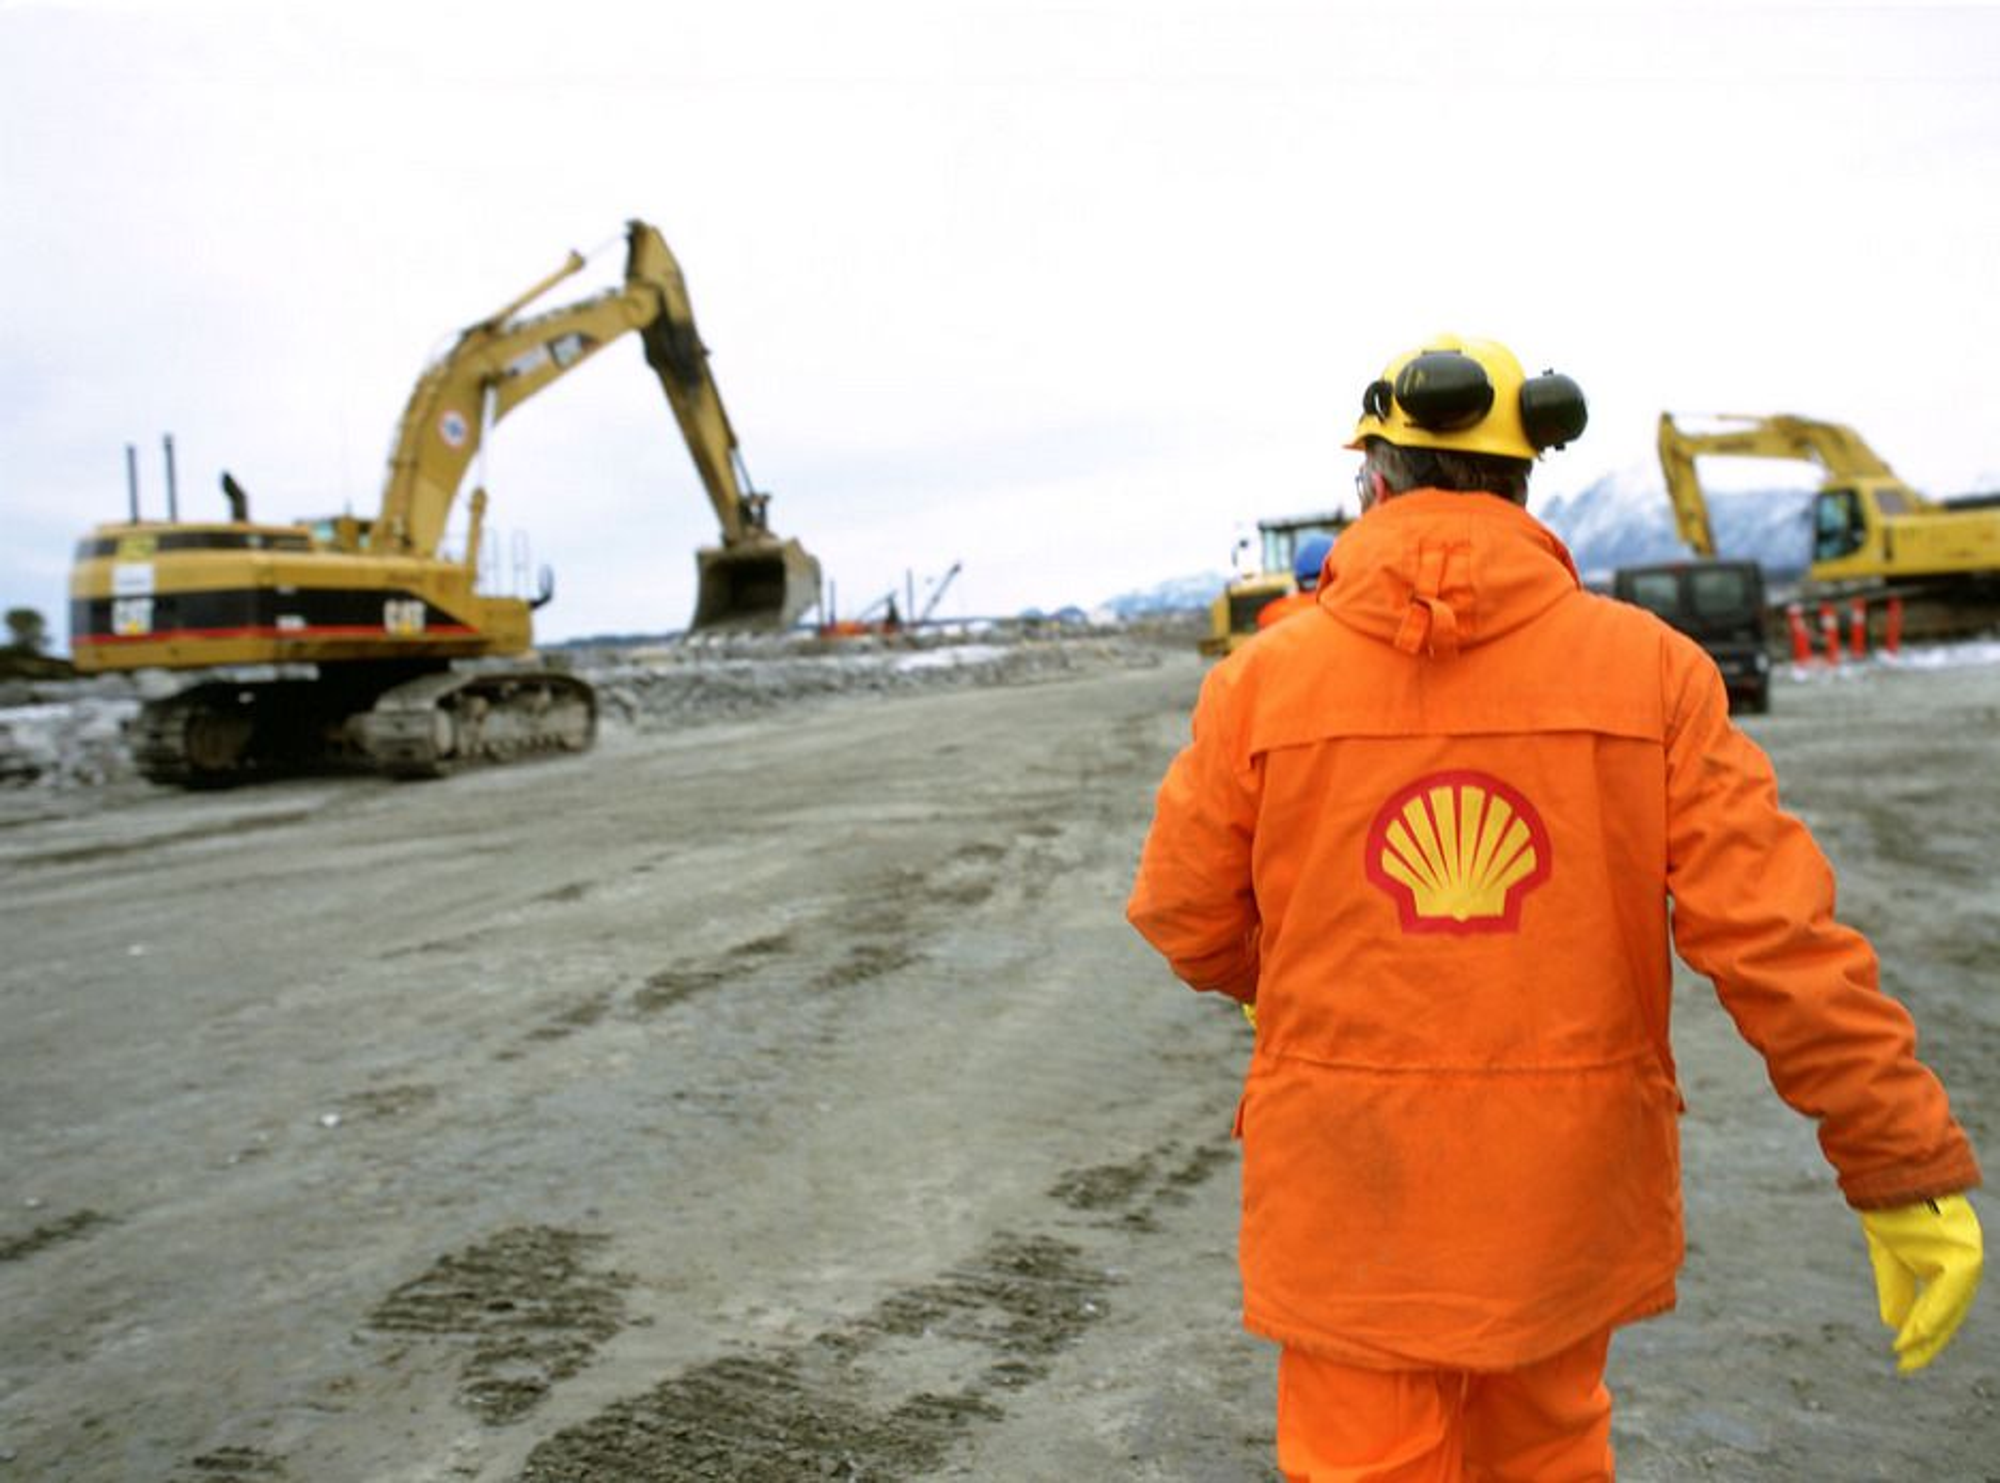 Shell skal operere landanlegget til Ormen Lange når det står klart i 2007, og har derfor hyret inn vedlikeholdsfolk fra Aker Kværner.